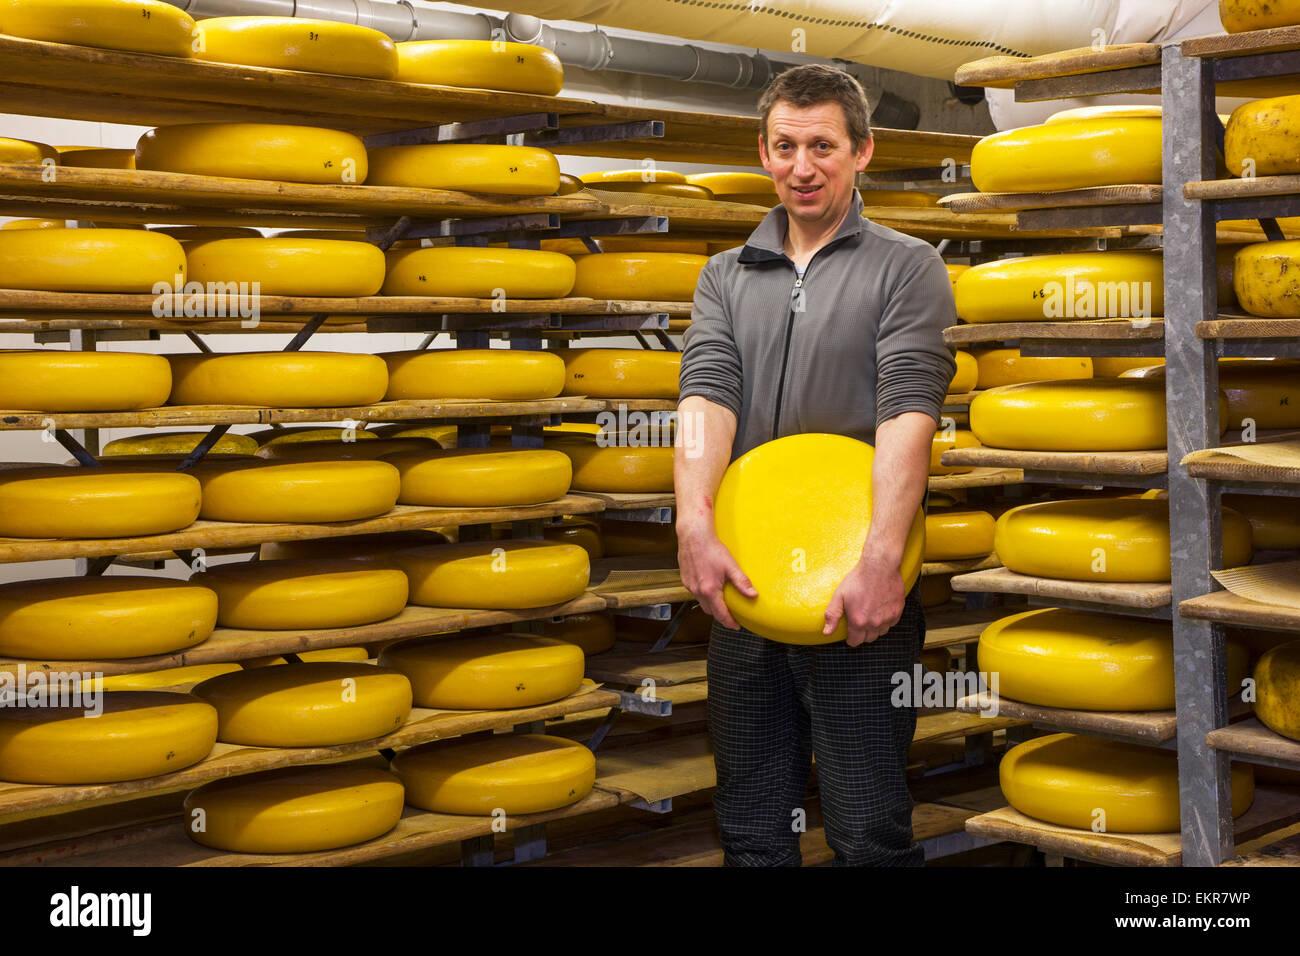 Formaggio maker con regionale ruota artigianale formaggi invecchiamento sui ripiani in caseificio Immagini Stock